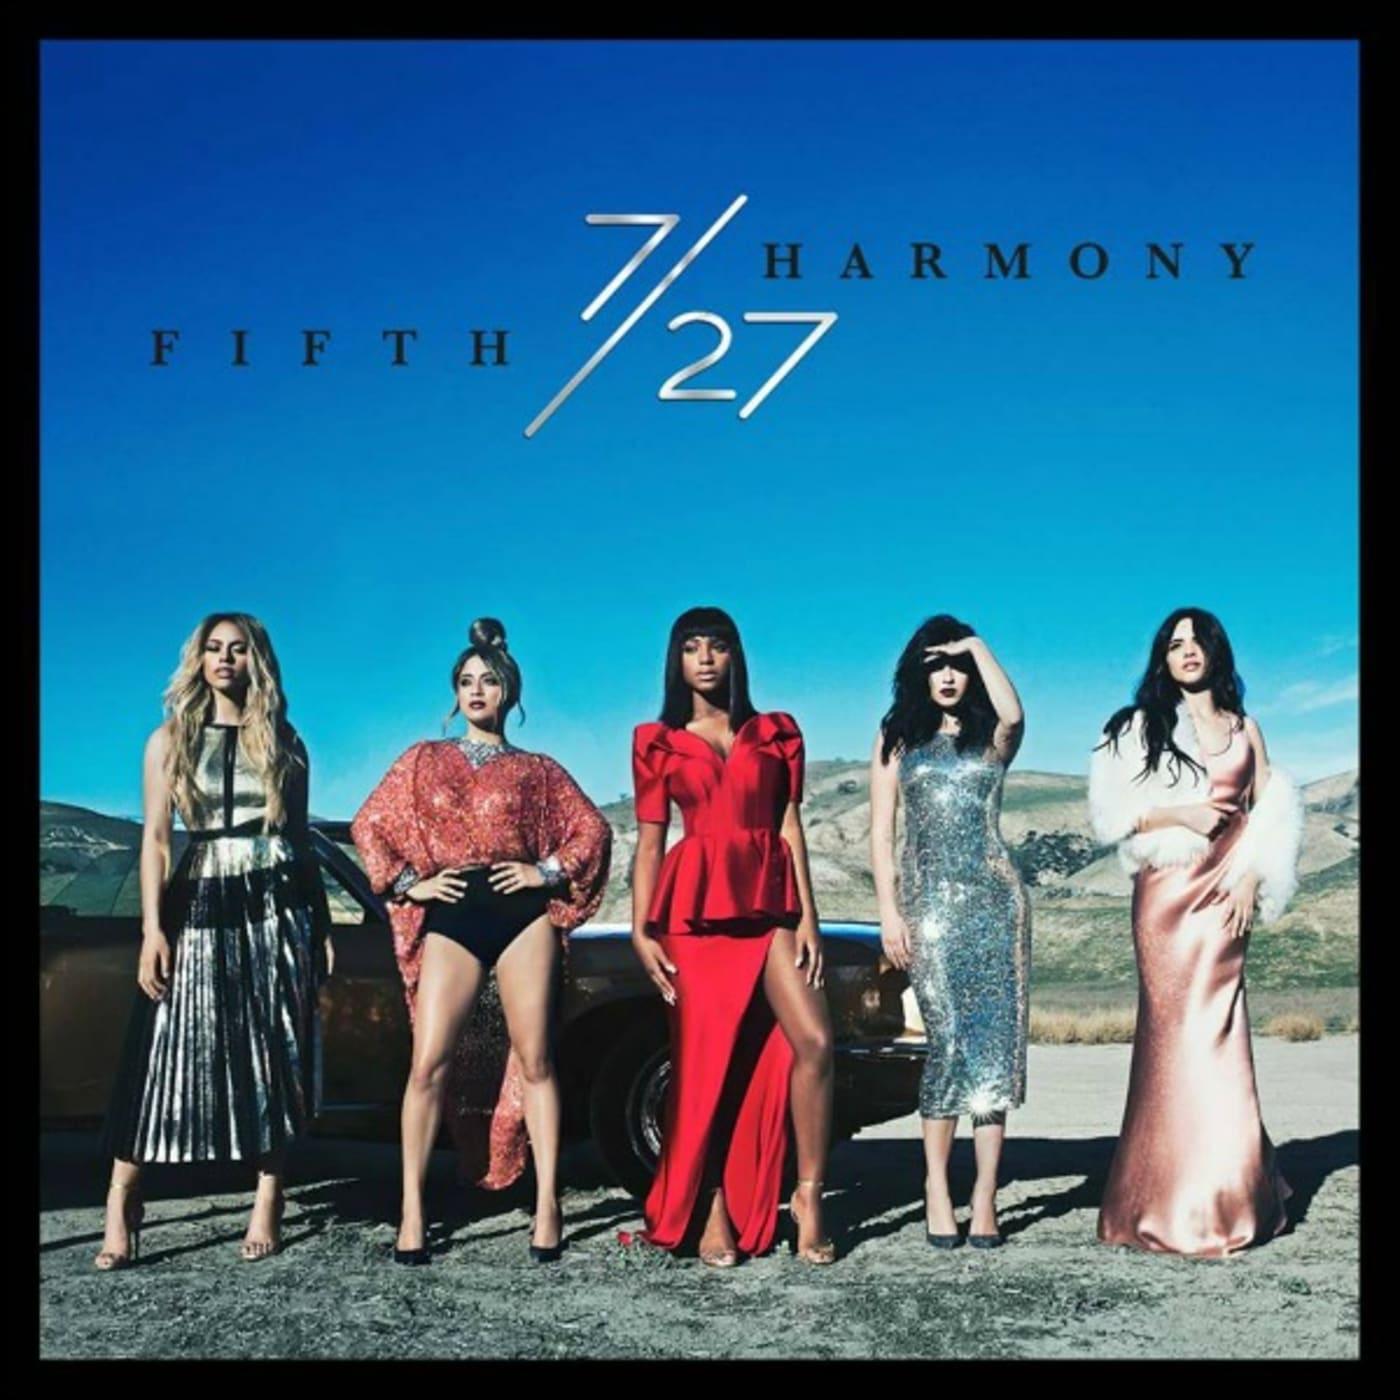 fifth harmony 727 album cover